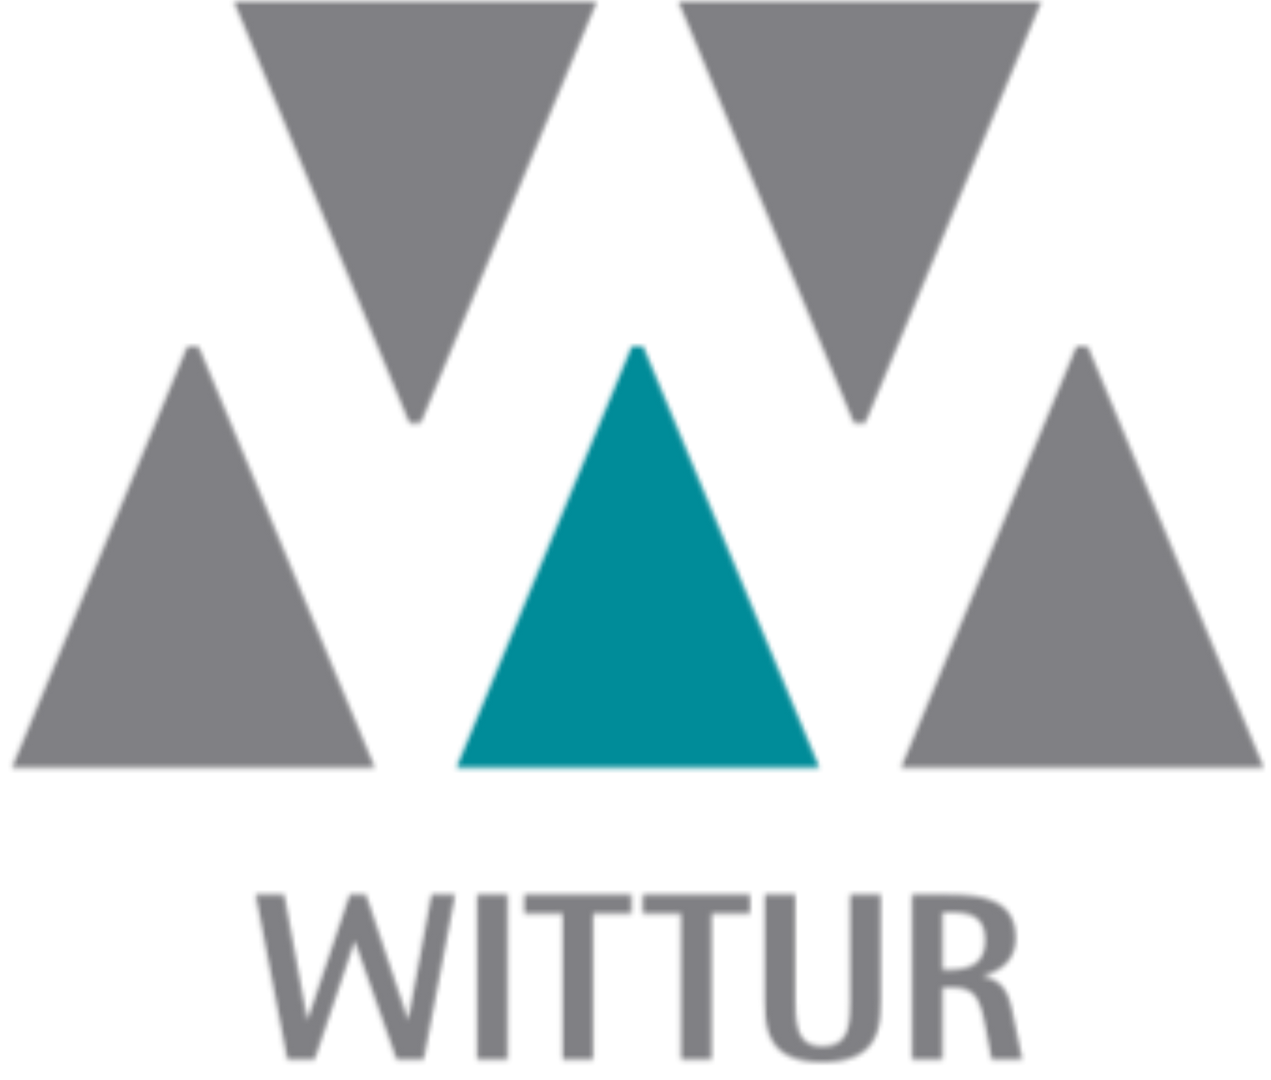 wittur.png